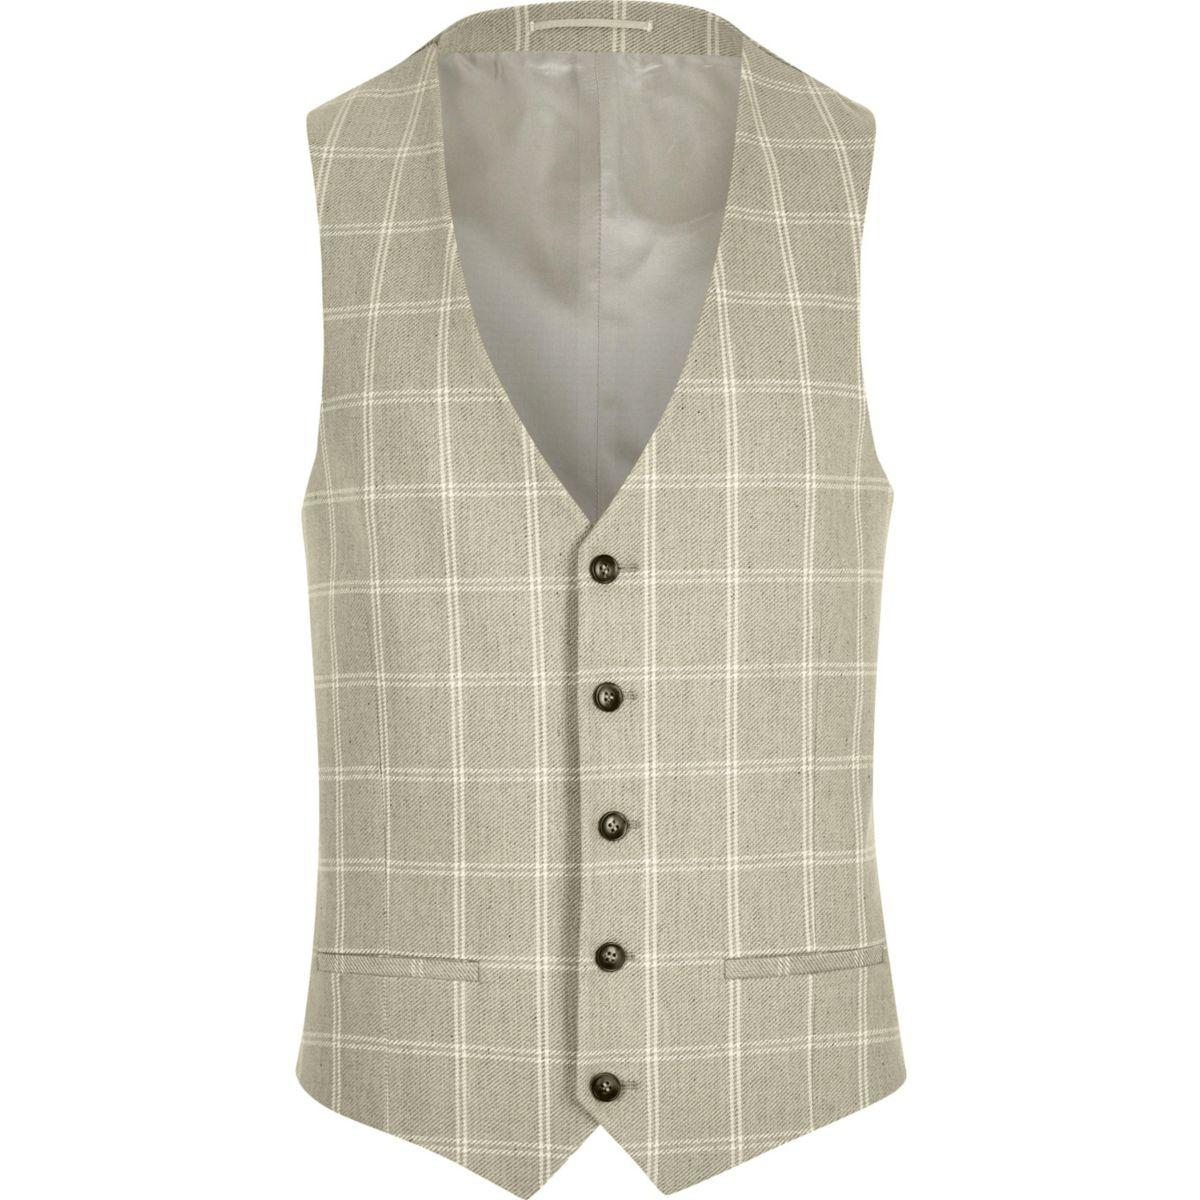 Sand check suit vest